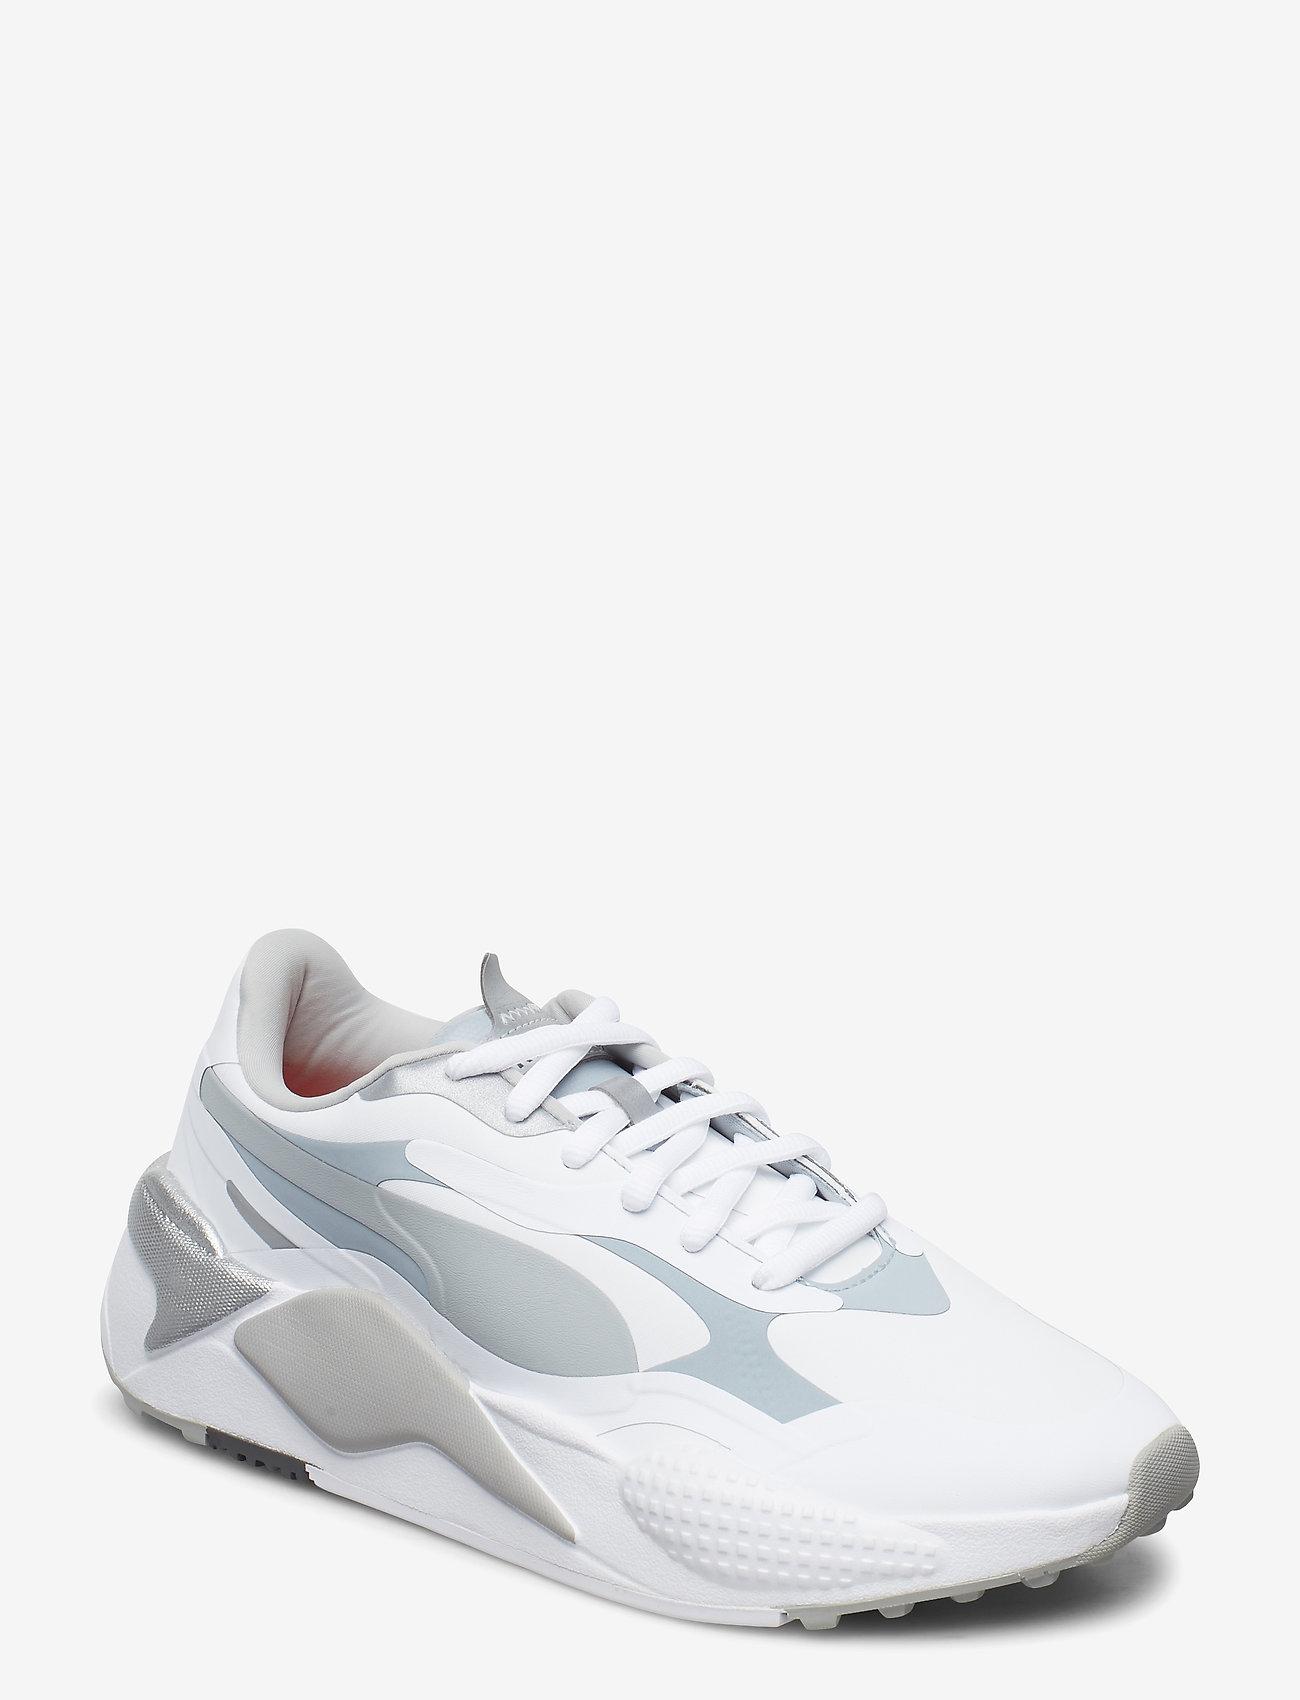 PUMA Golf - RS-G - golf shoes - puma white-quiet shade-quarry - 0